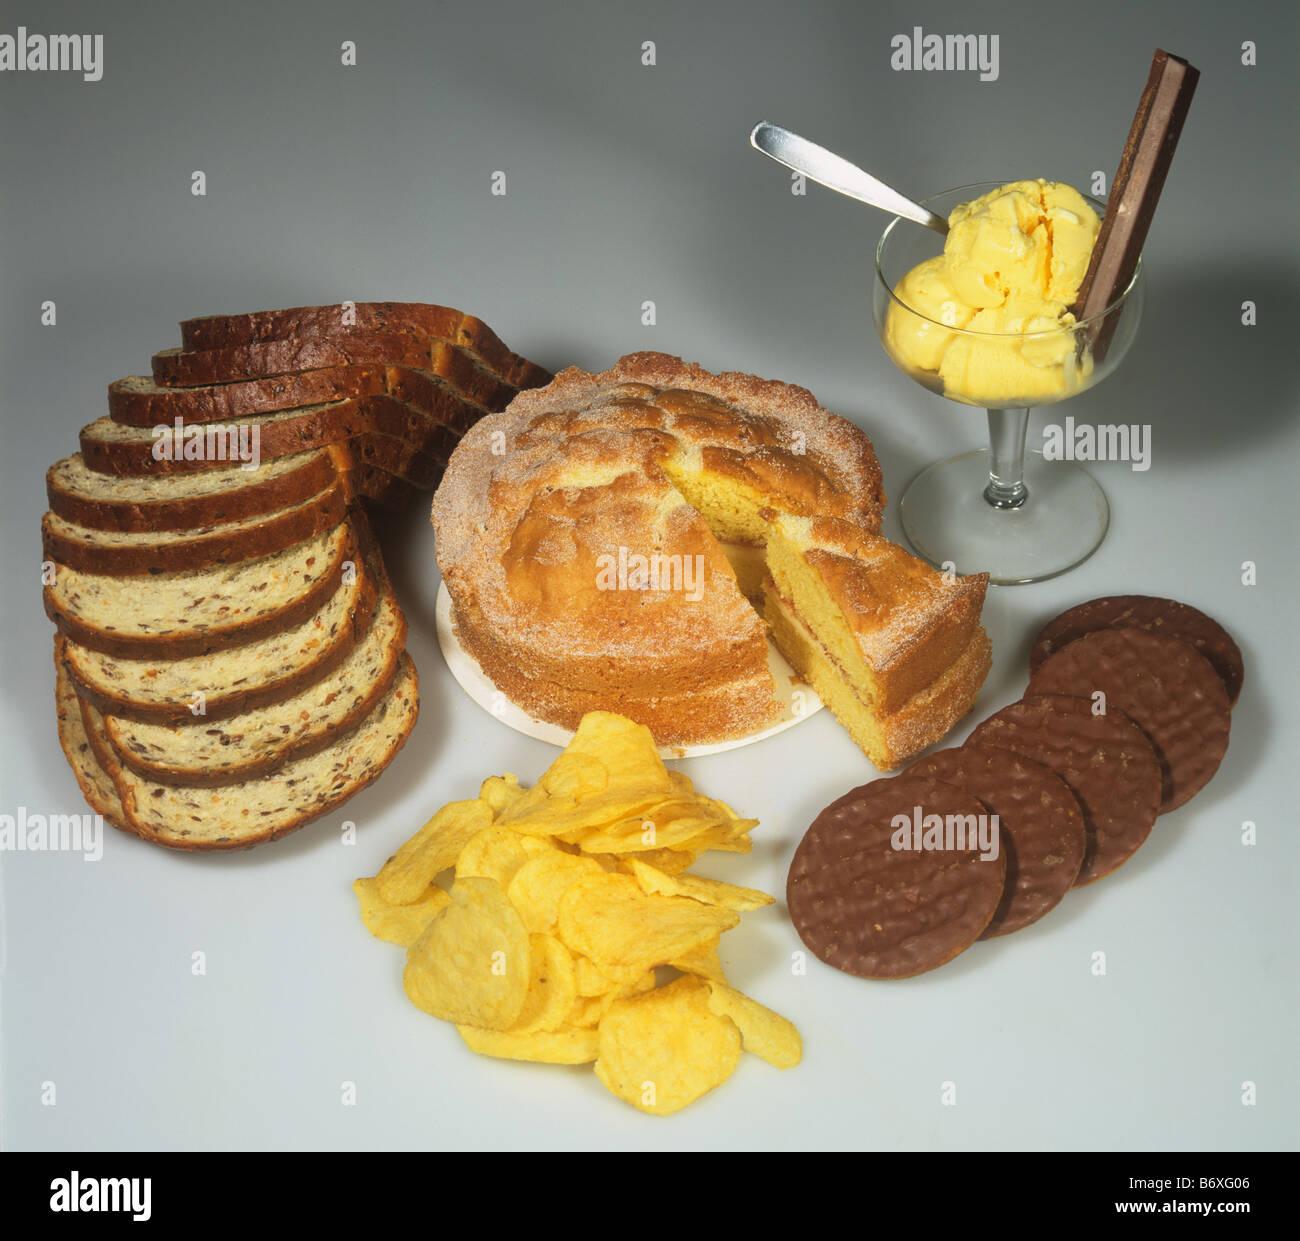 Ad alta energia ad alta gli alimenti contenenti carboidrati inclusi biscotti torta di pane patatine cioccolato Foto Stock